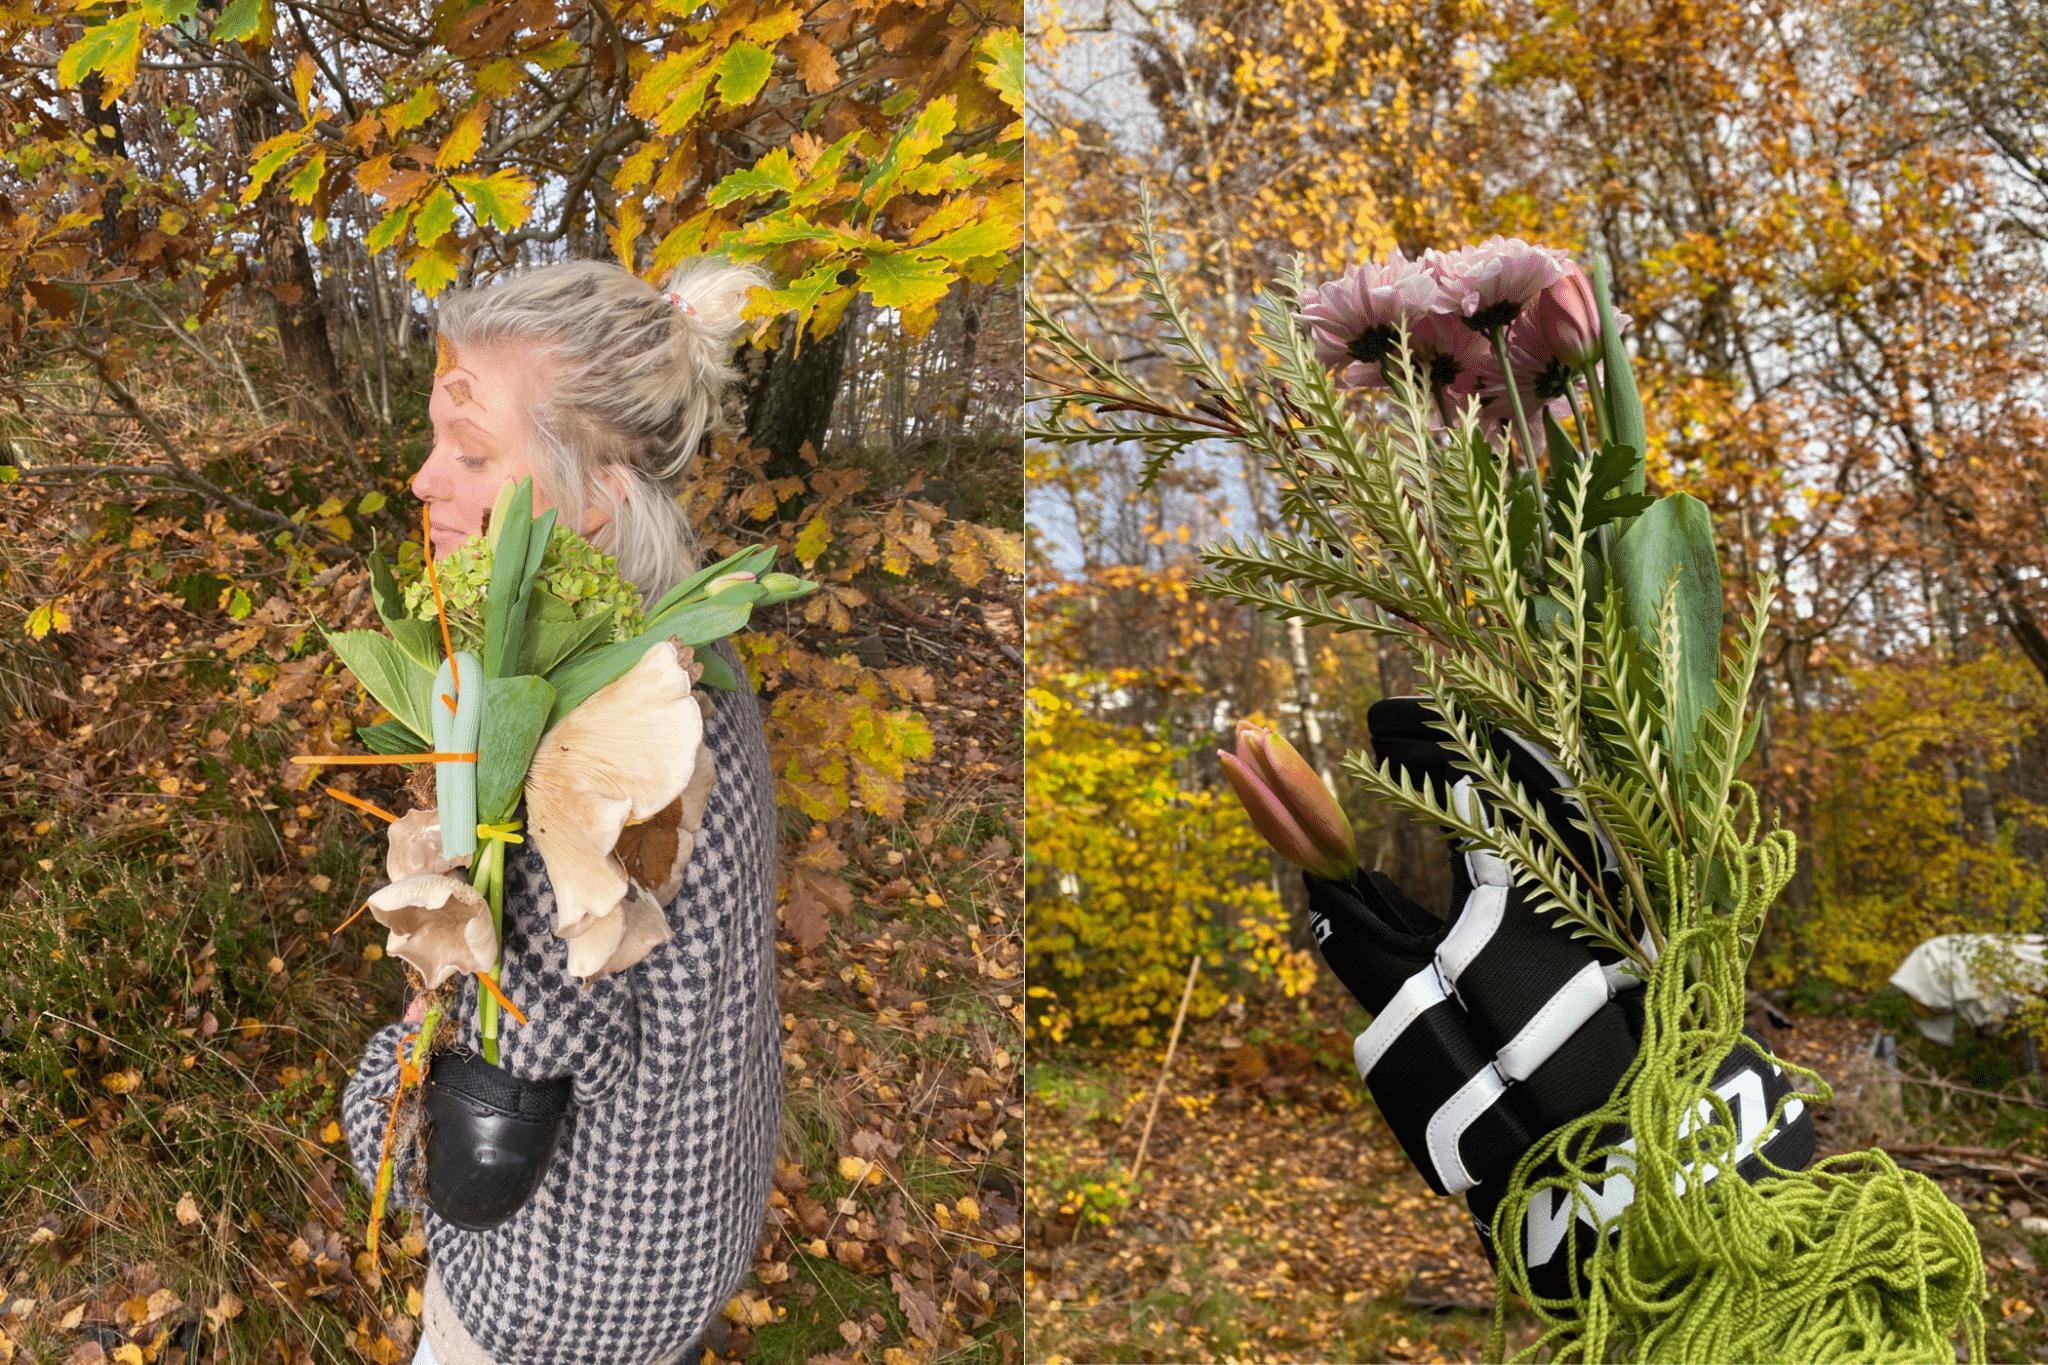 Blomster-søppelkunstverkene i skogen